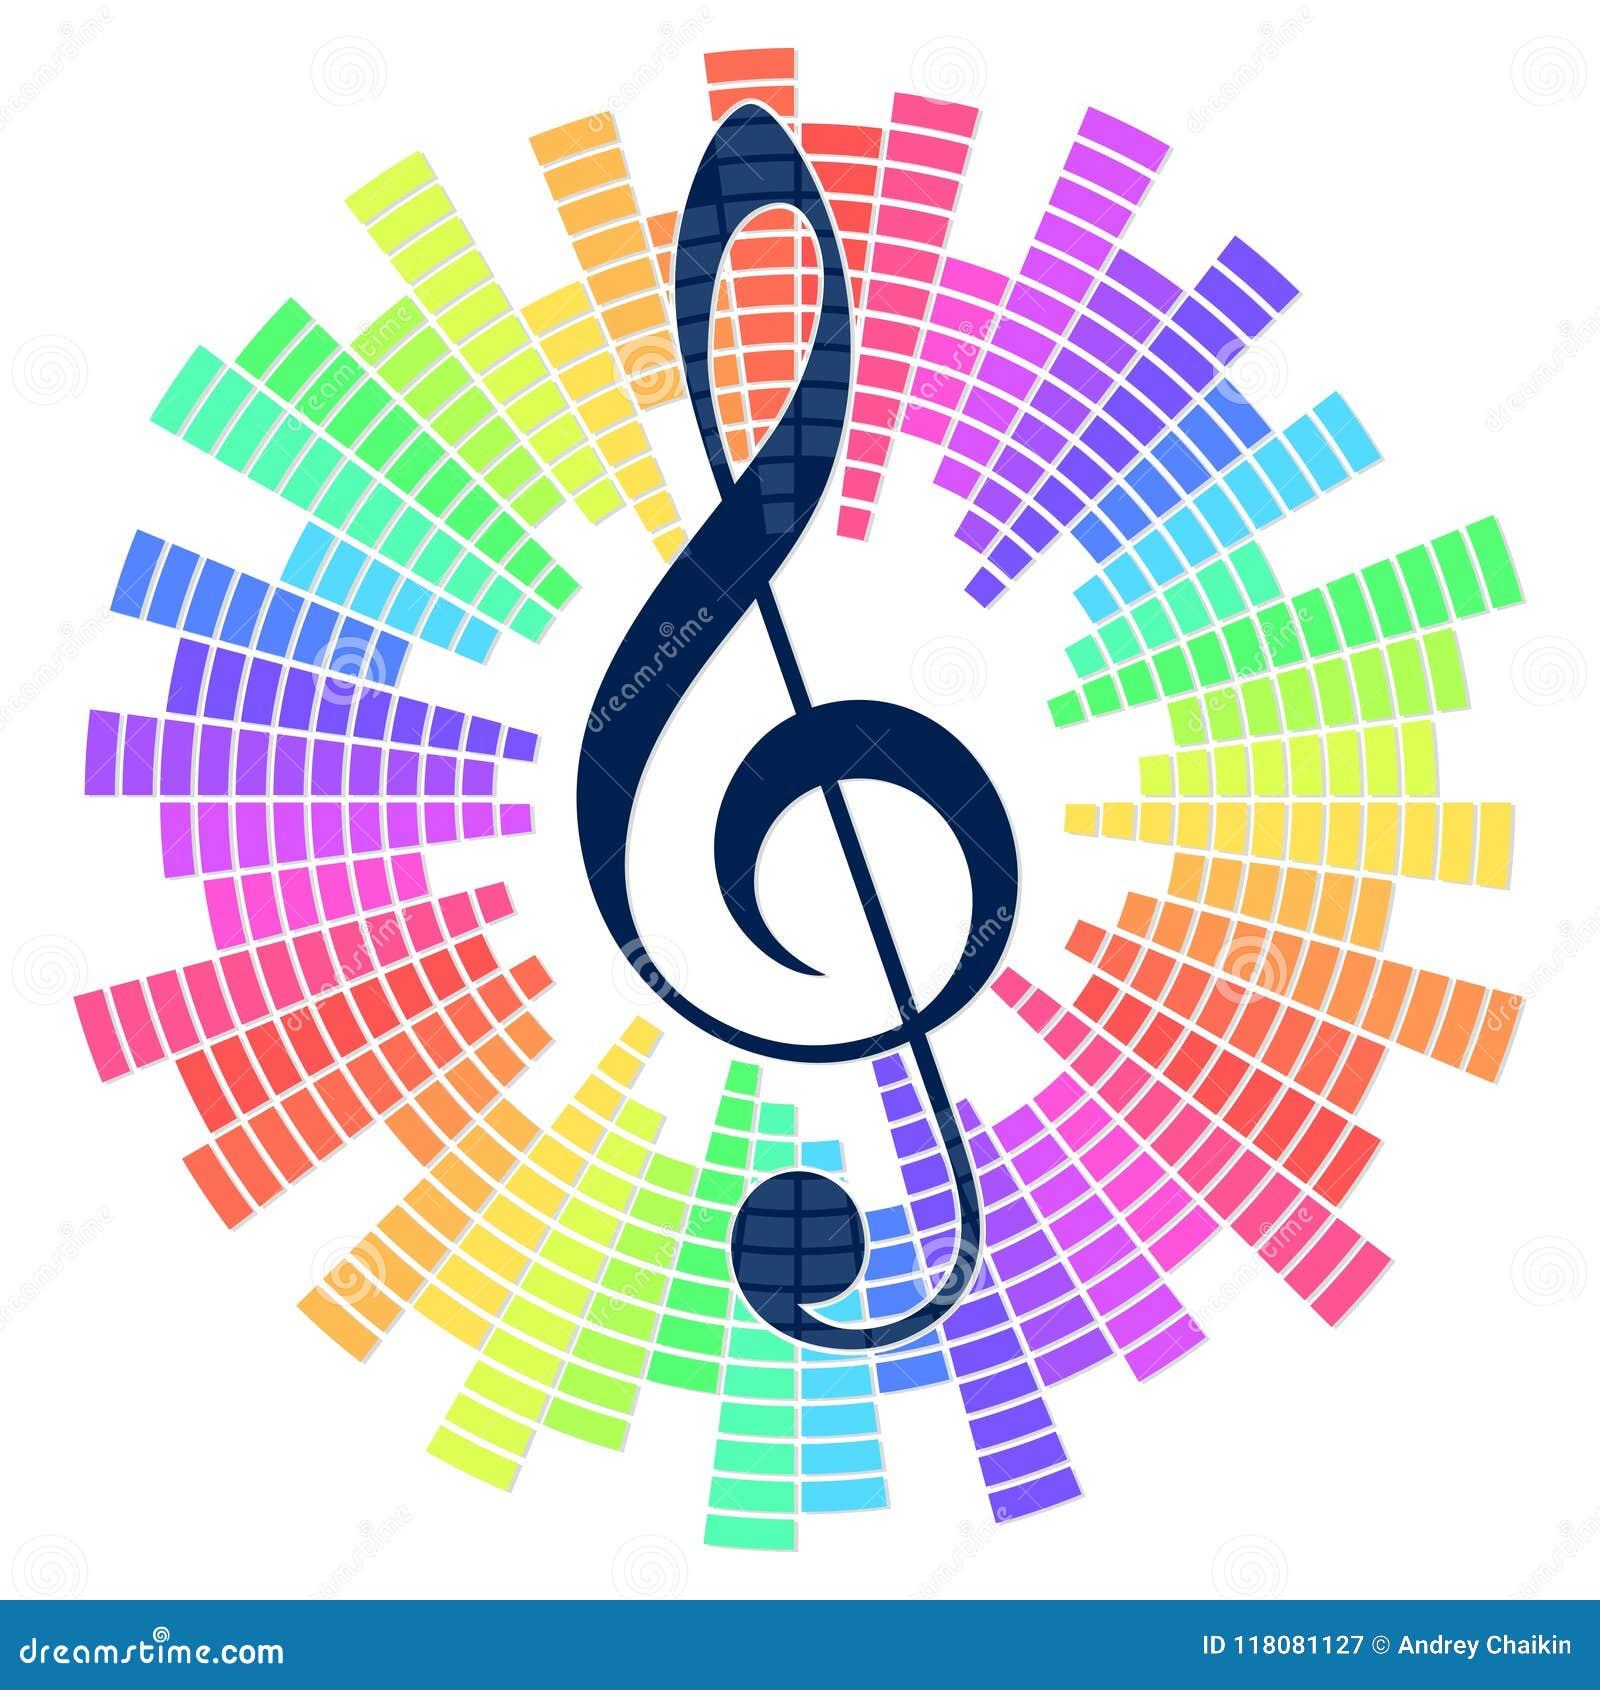 Muzikaal symbool met correcte schaal